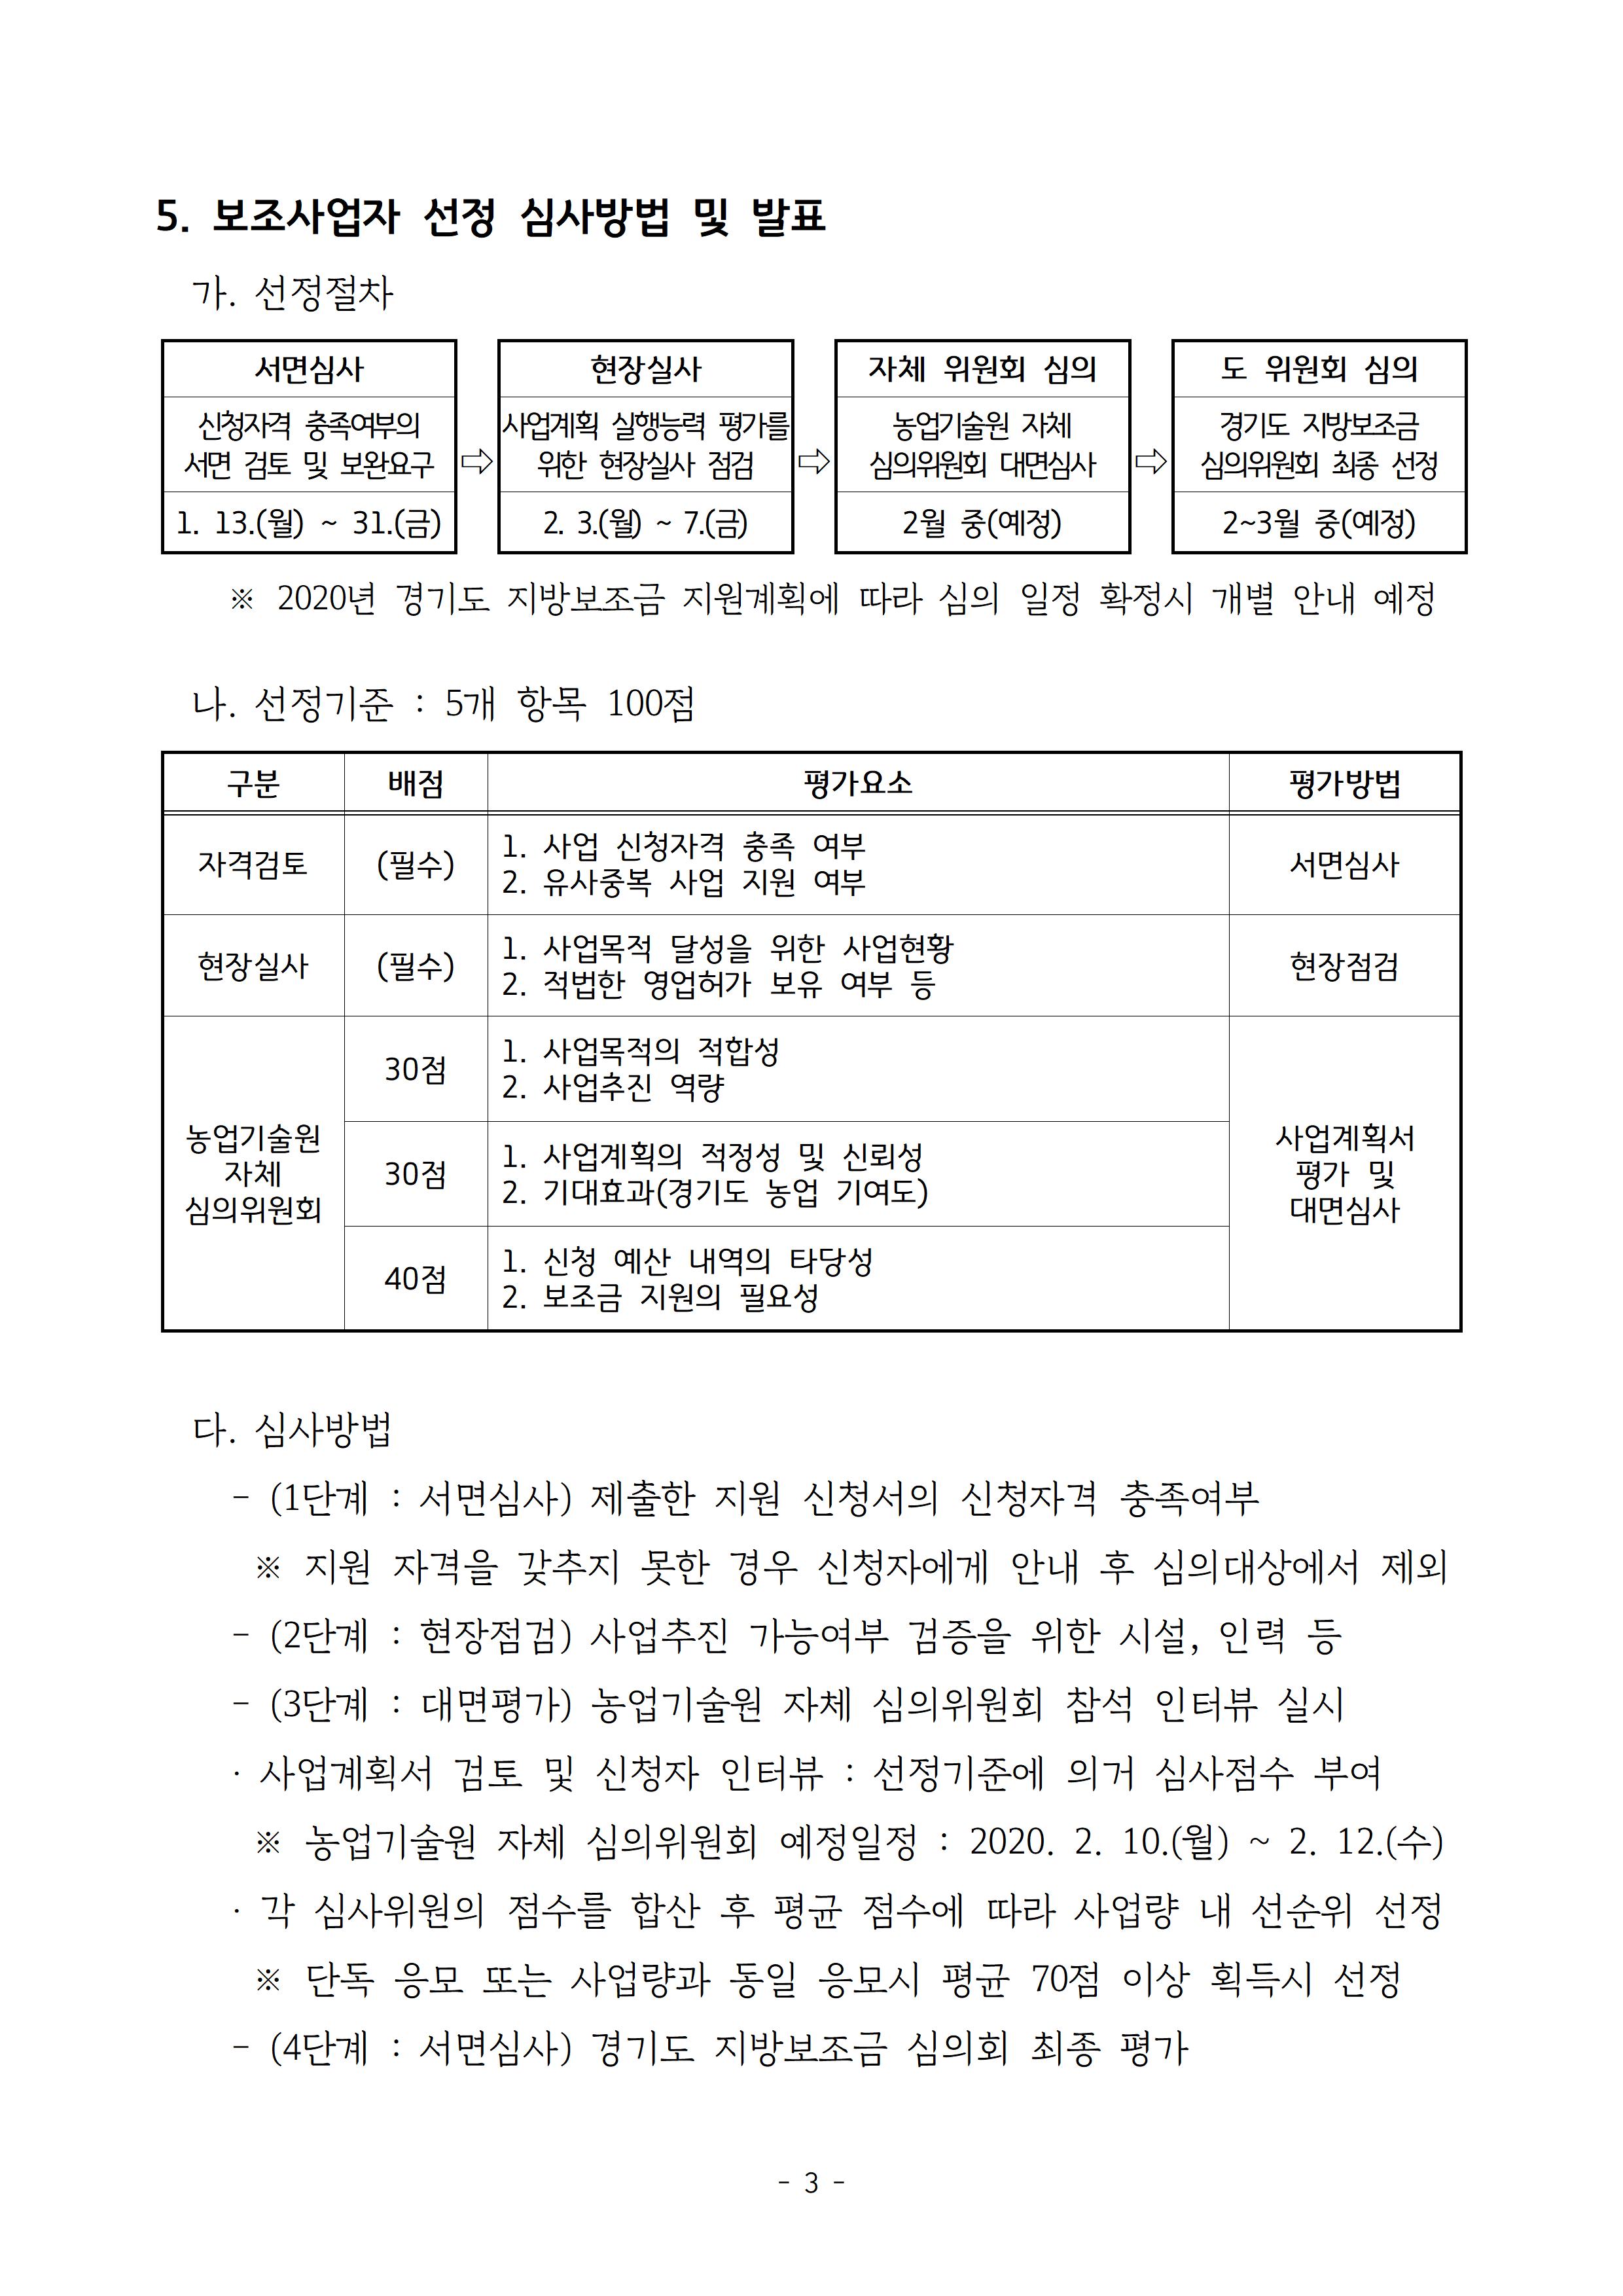 공고문(2020년 신품종 해외판로 개척 지원)003